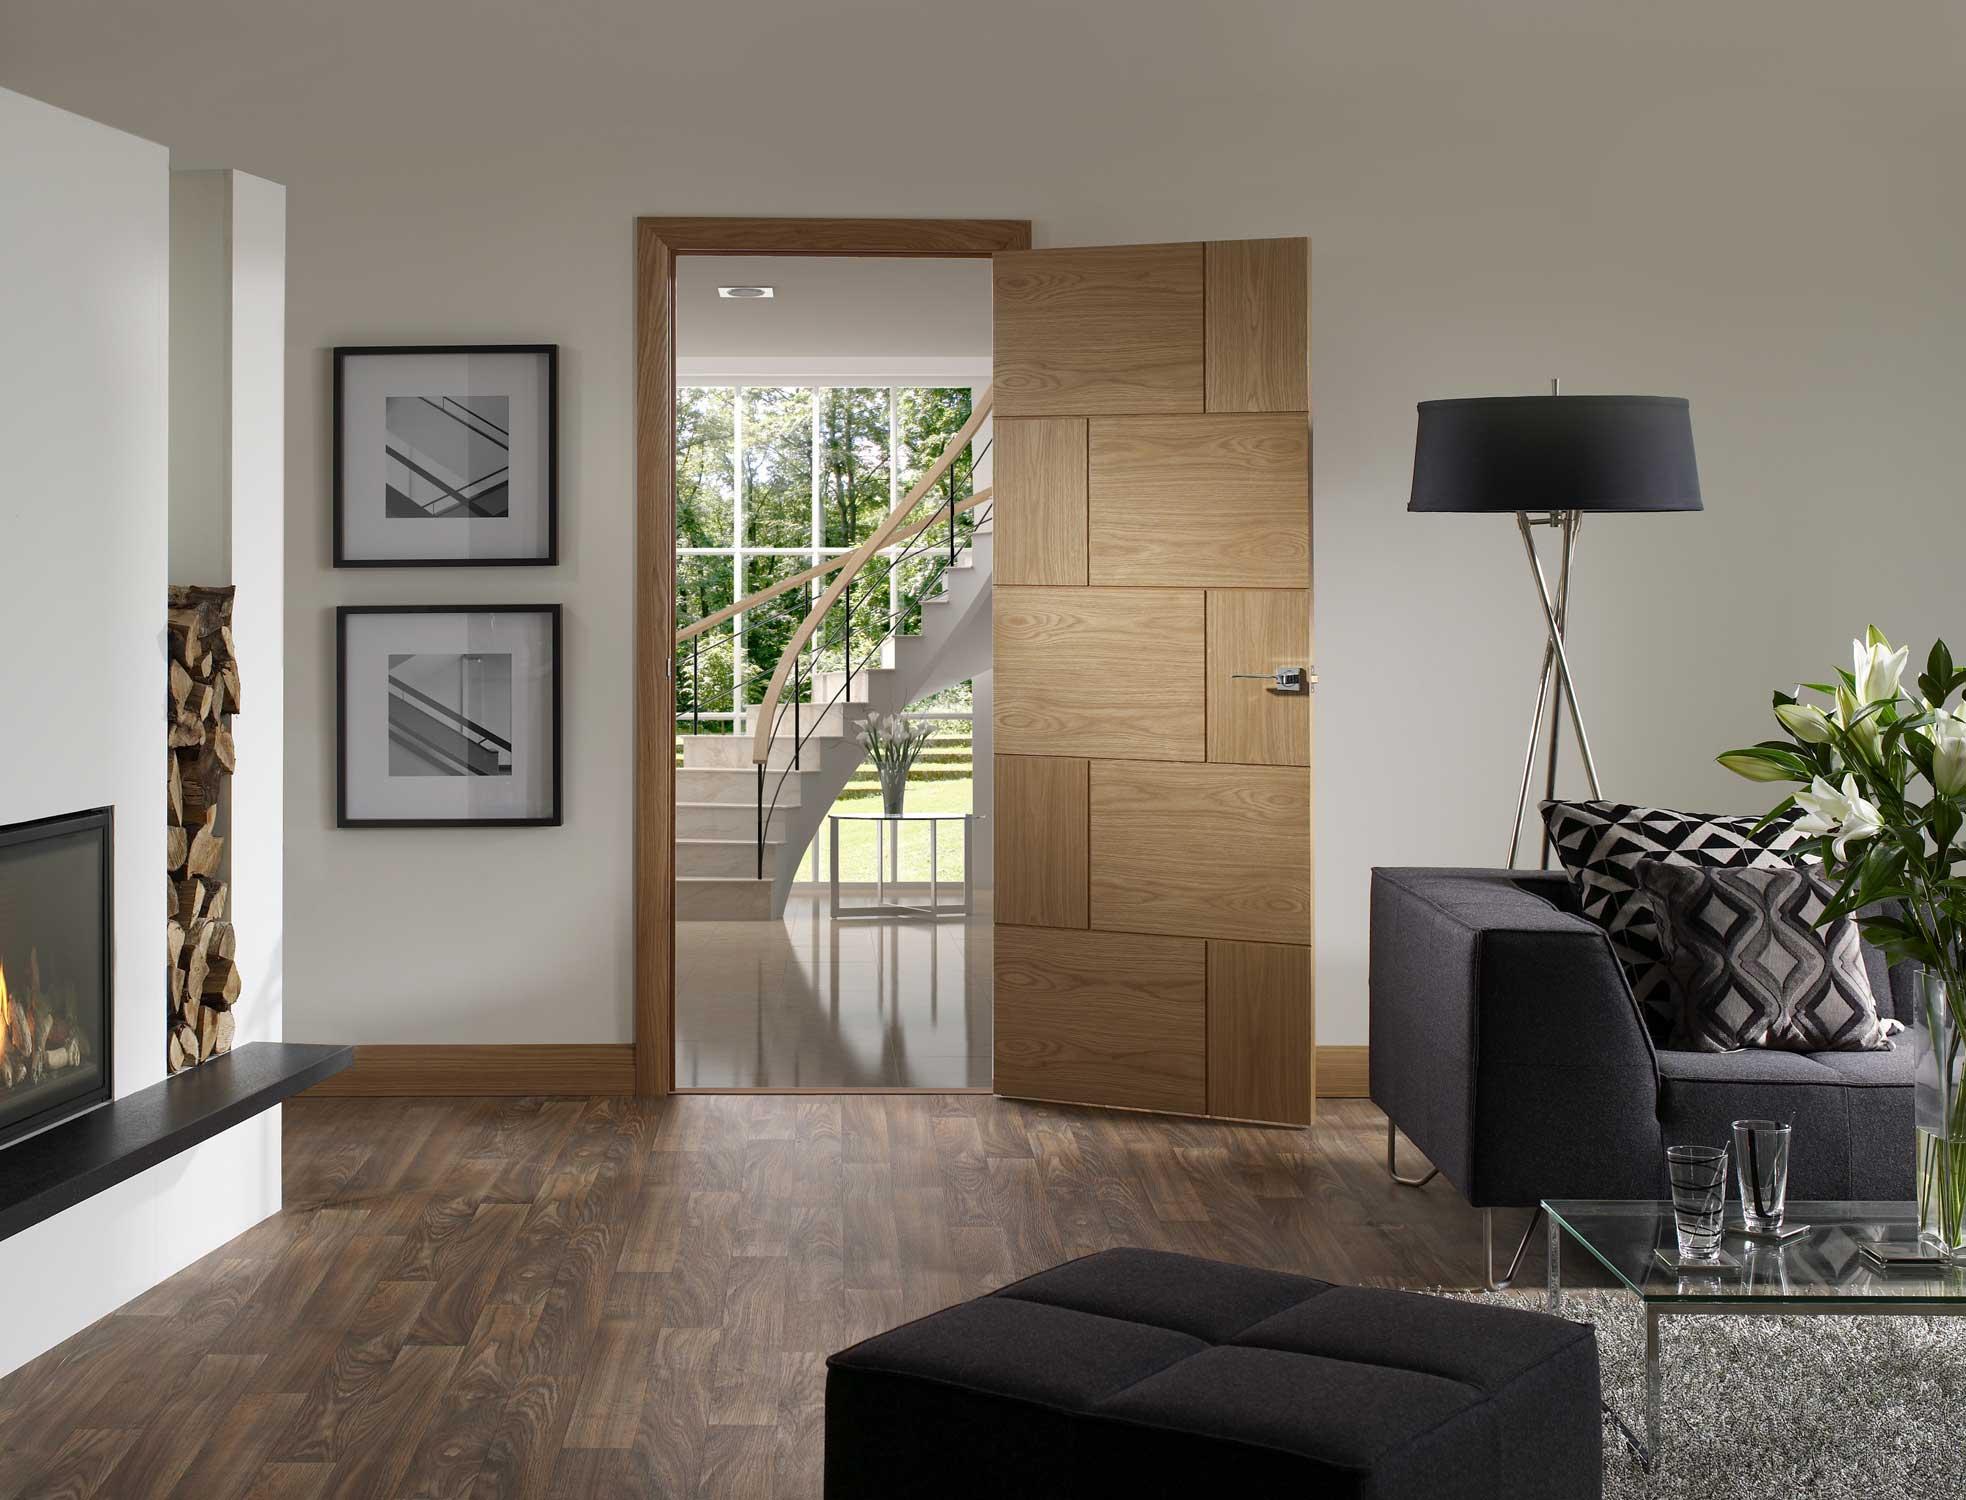 ravenna oak internal door. Black Bedroom Furniture Sets. Home Design Ideas